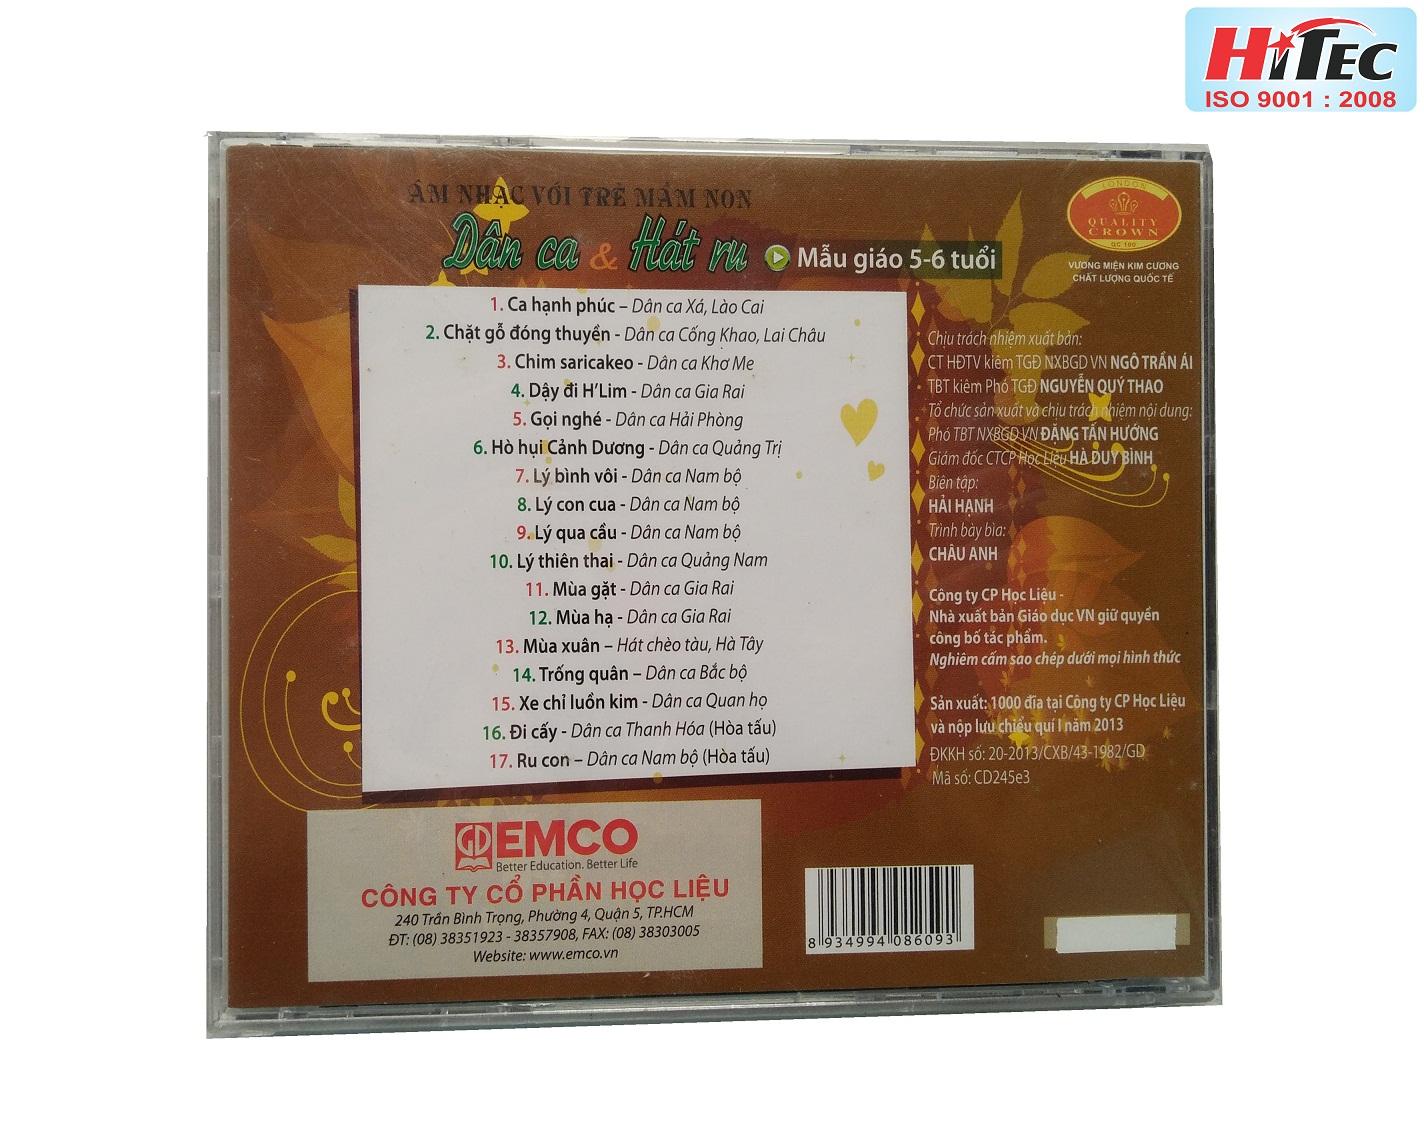 """""""Bộ đĩa CD: Các bài nhạc không lời, dân ca, hát ru  Chương trình GDMN (5-6 tuổi) """""""